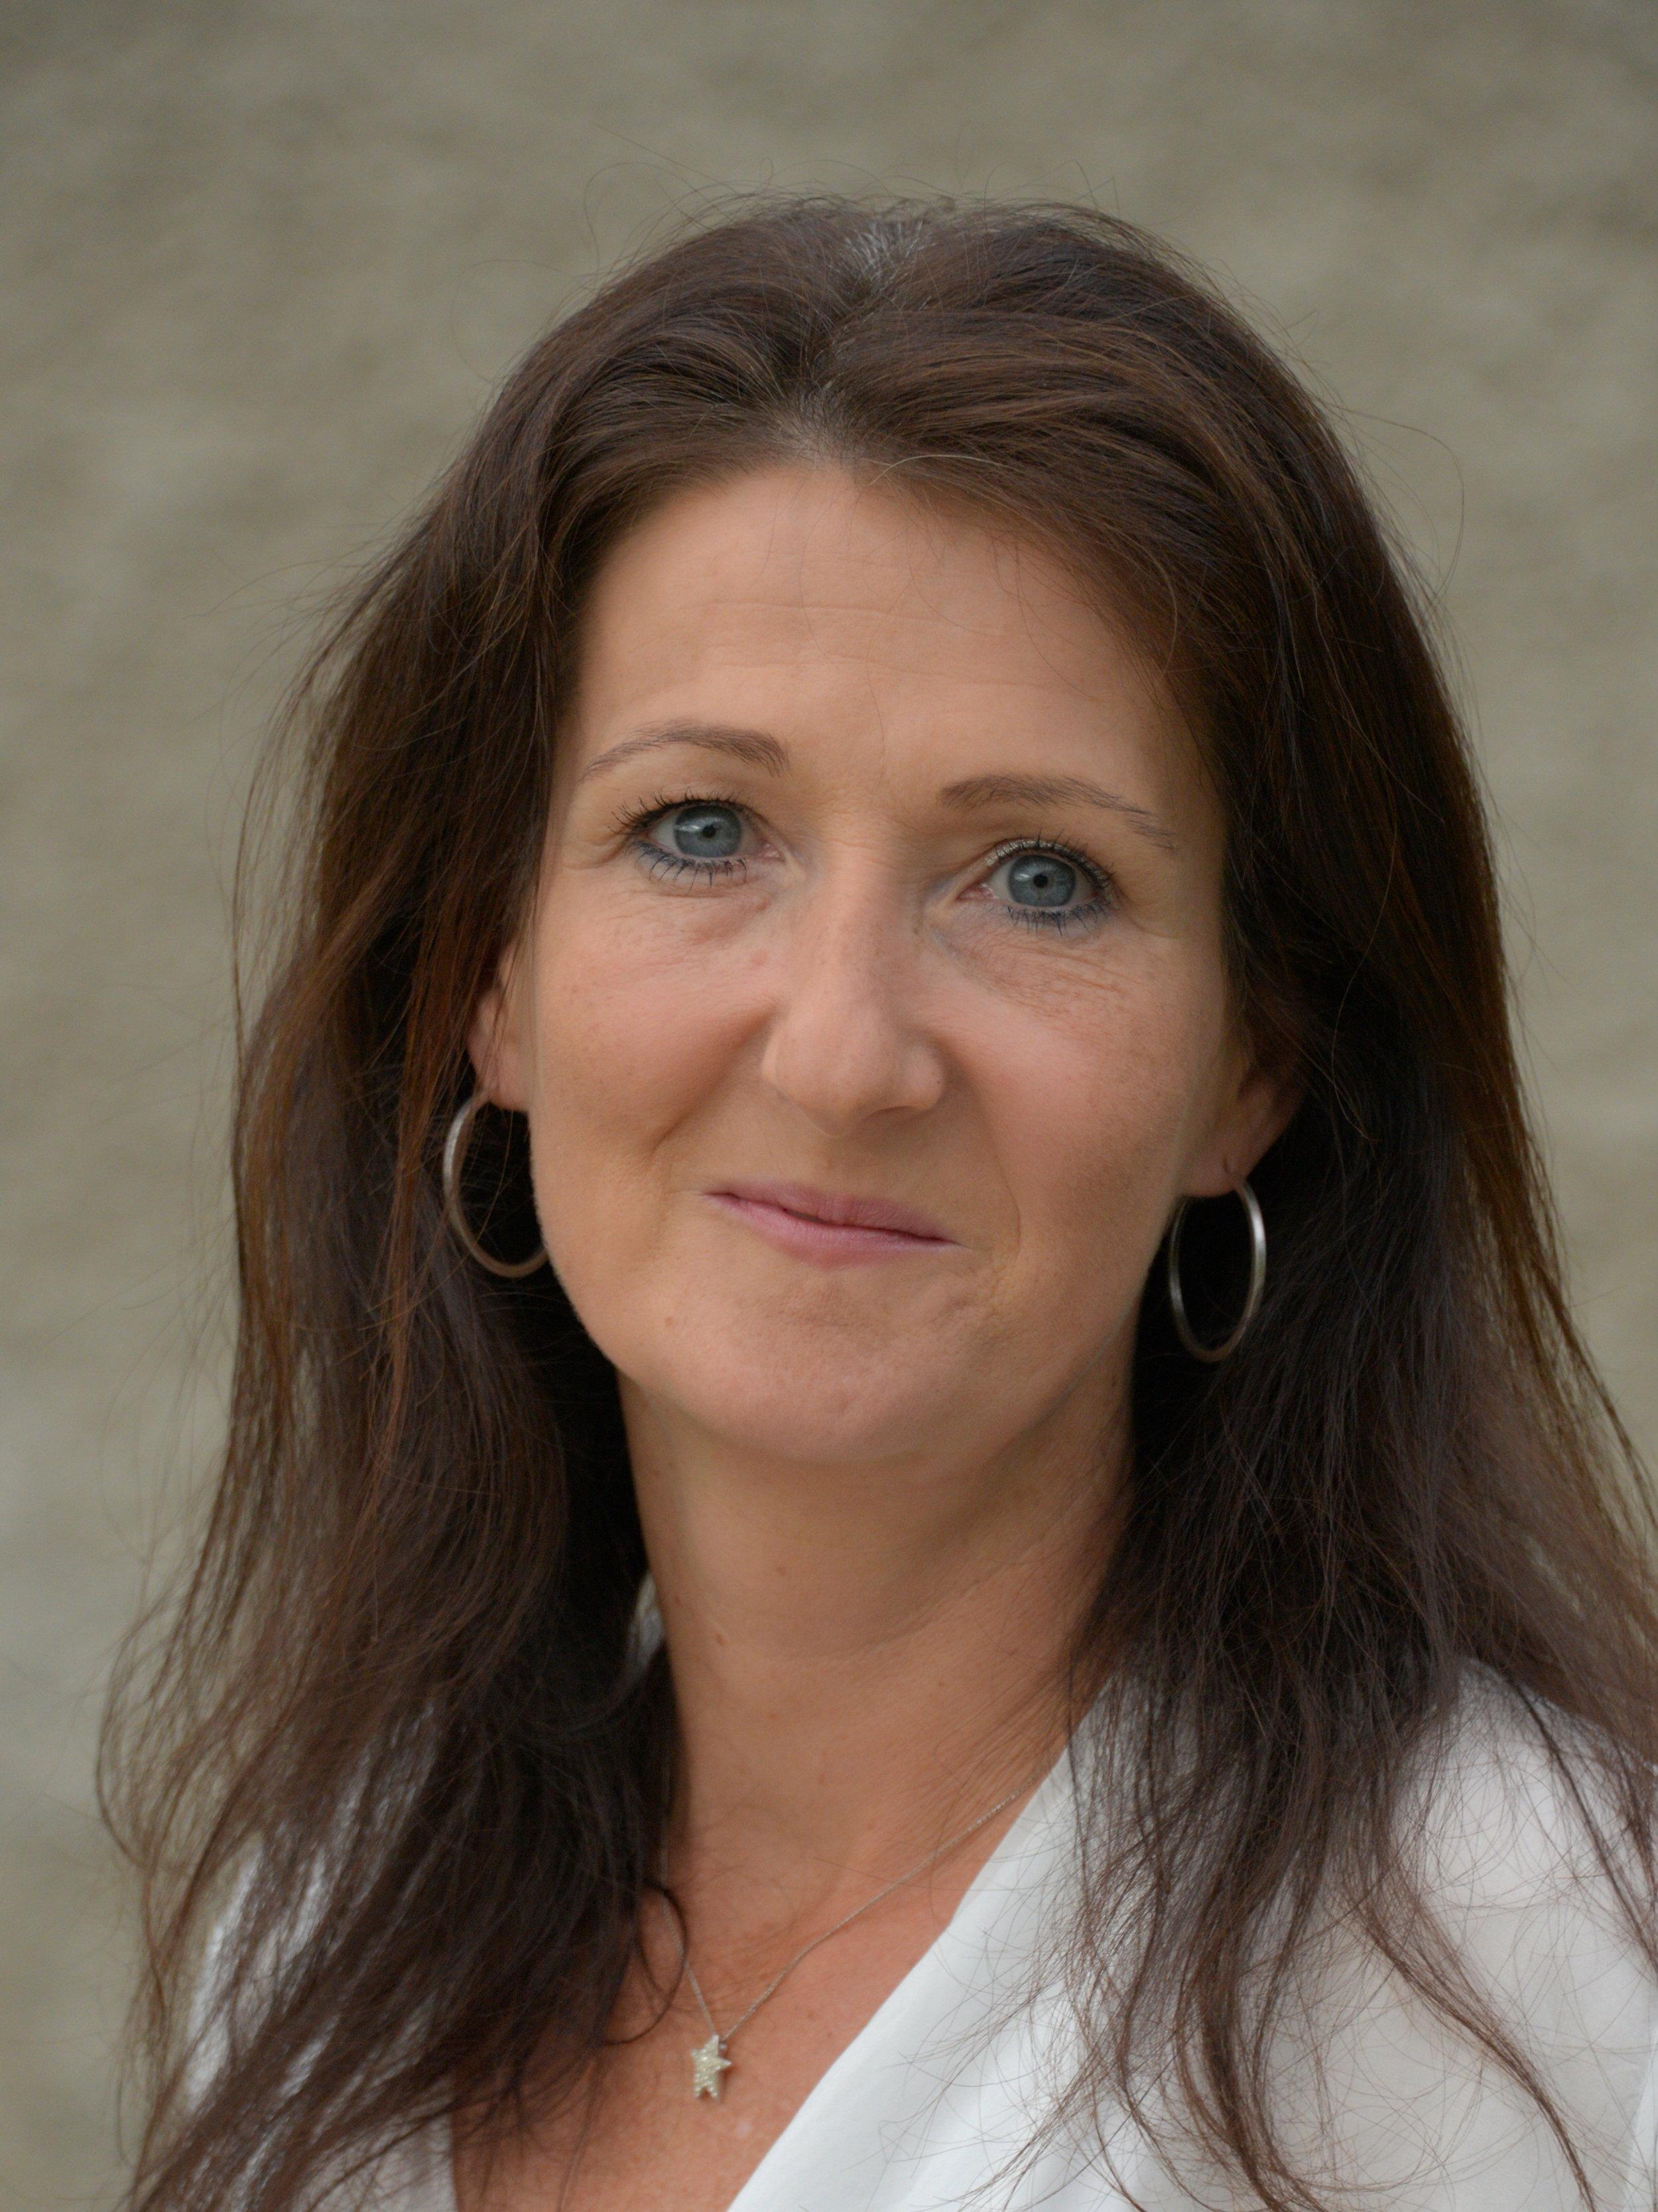 Eva Krumphuber